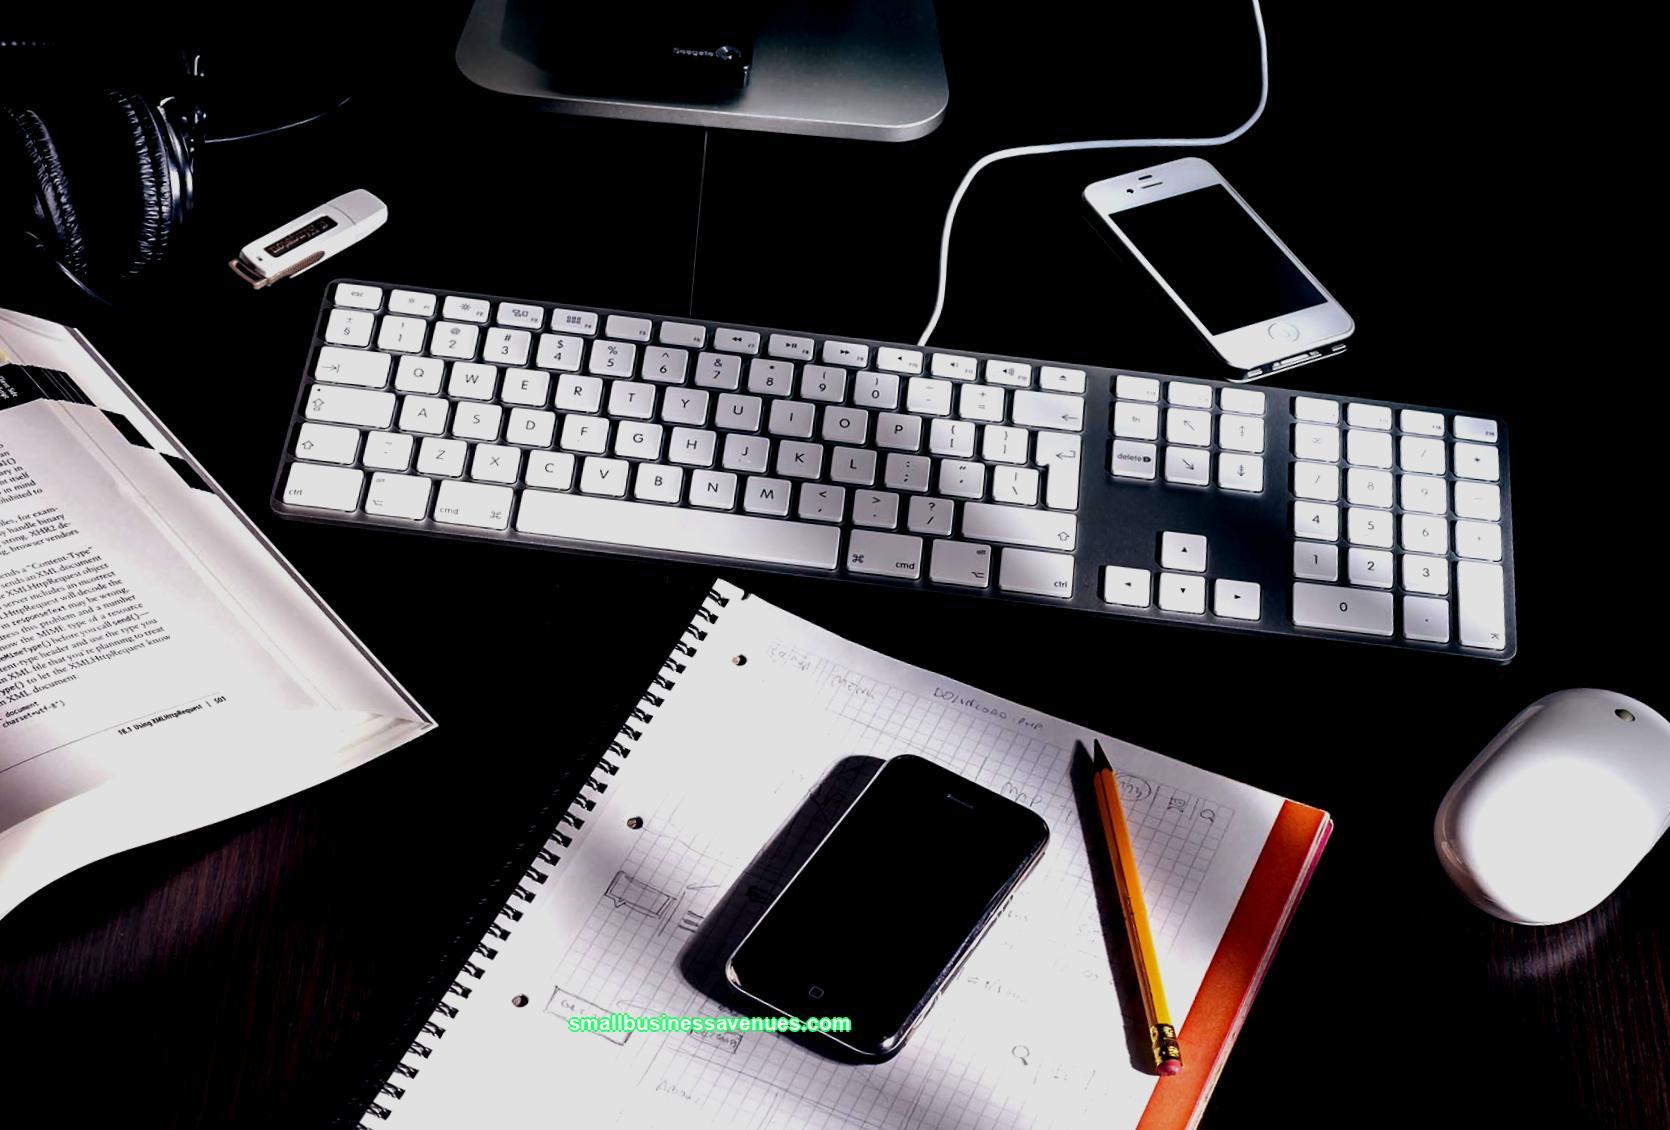 Üzlet az informatika területén, nagyon népszerű terület, amely gyorsan fejlődik, és a jövőben is fejlődik. Az informatika területén a legígéretesebb üzleti ötletek, azok megvalósításának és a késztermékhez való eljuttatásának módja